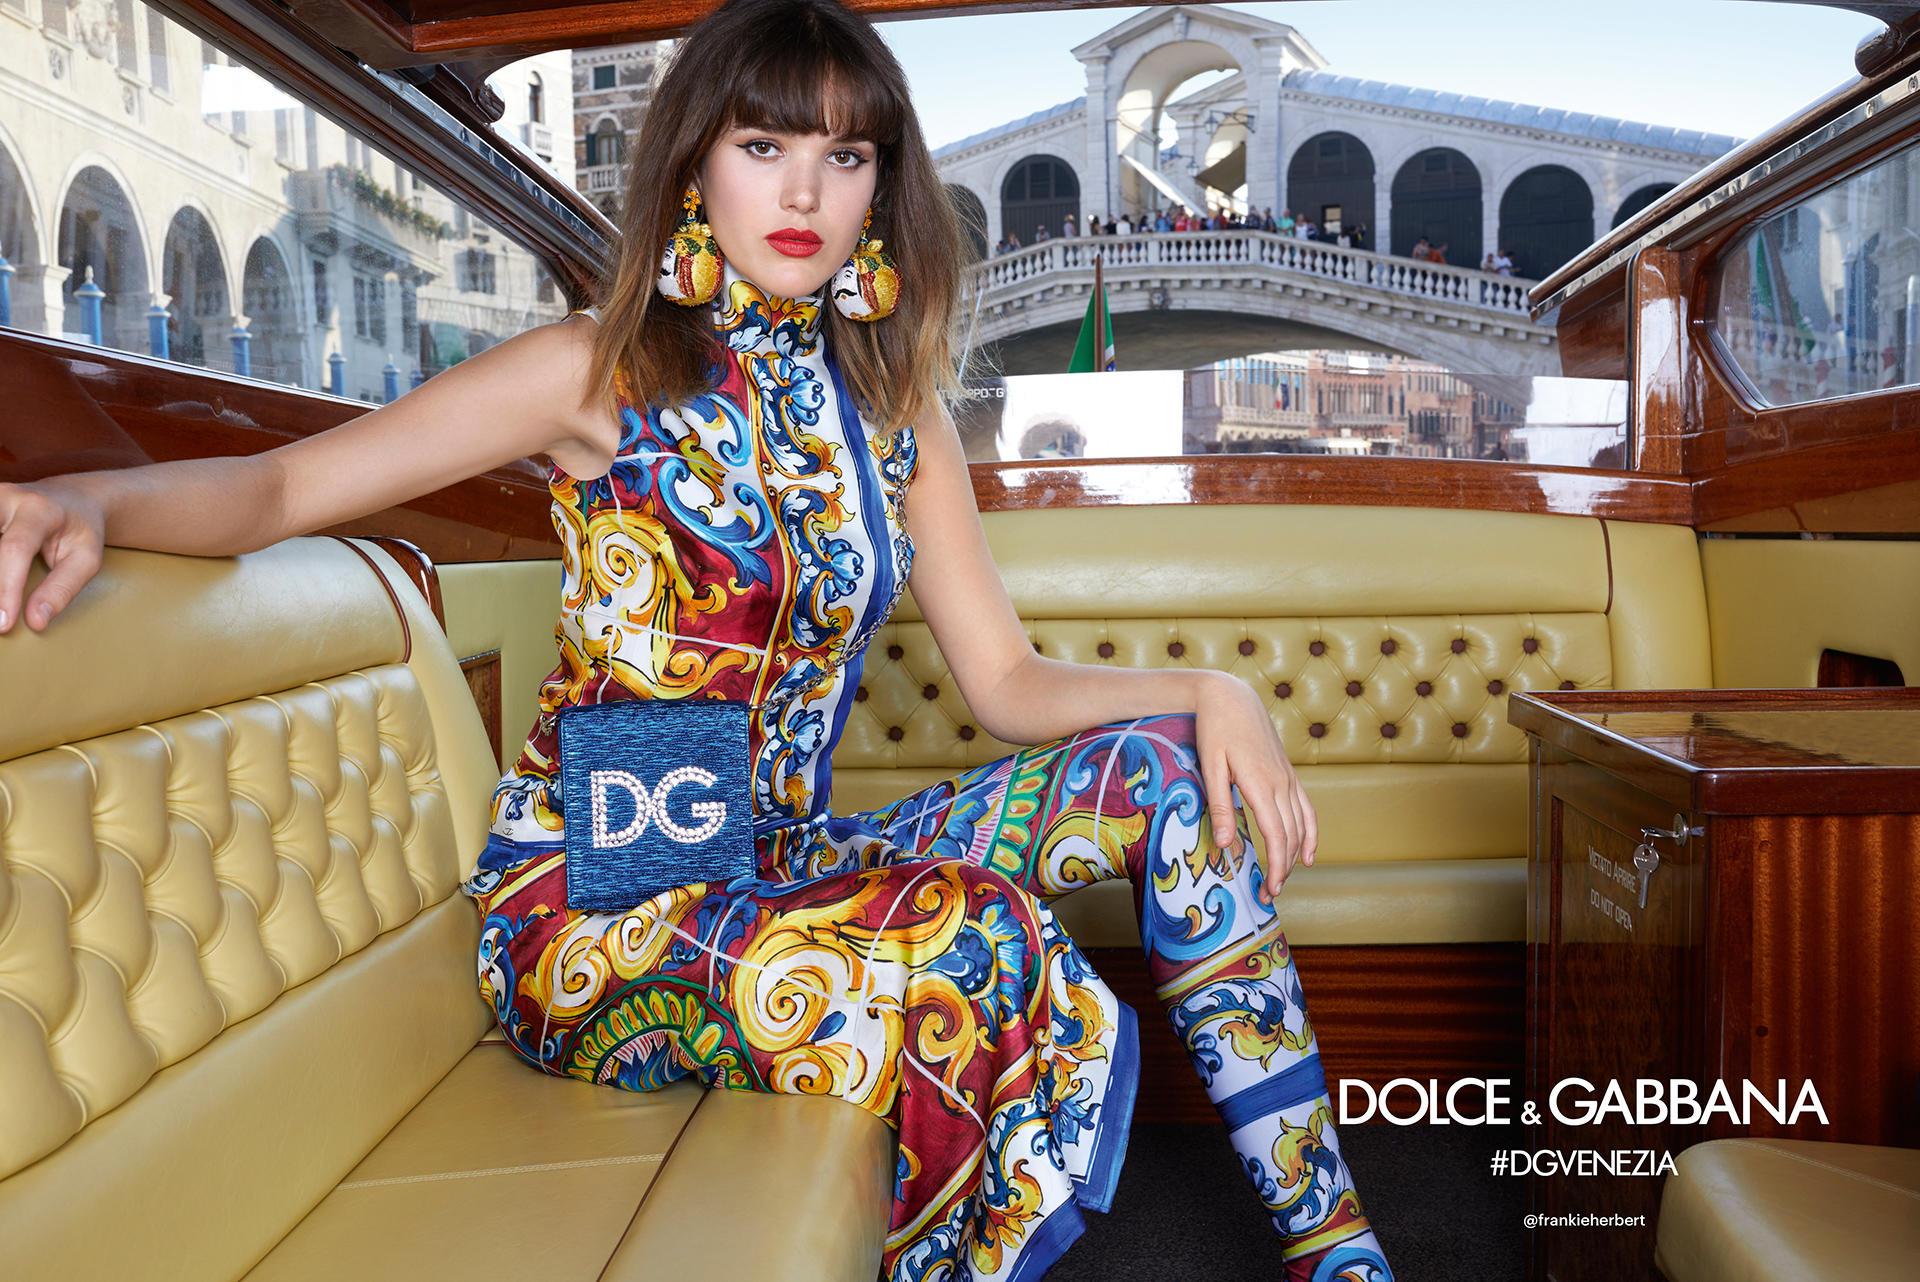 thời trang cung hoàng đạo: các thương hiệu đại diện cho phong cách của bạn 17